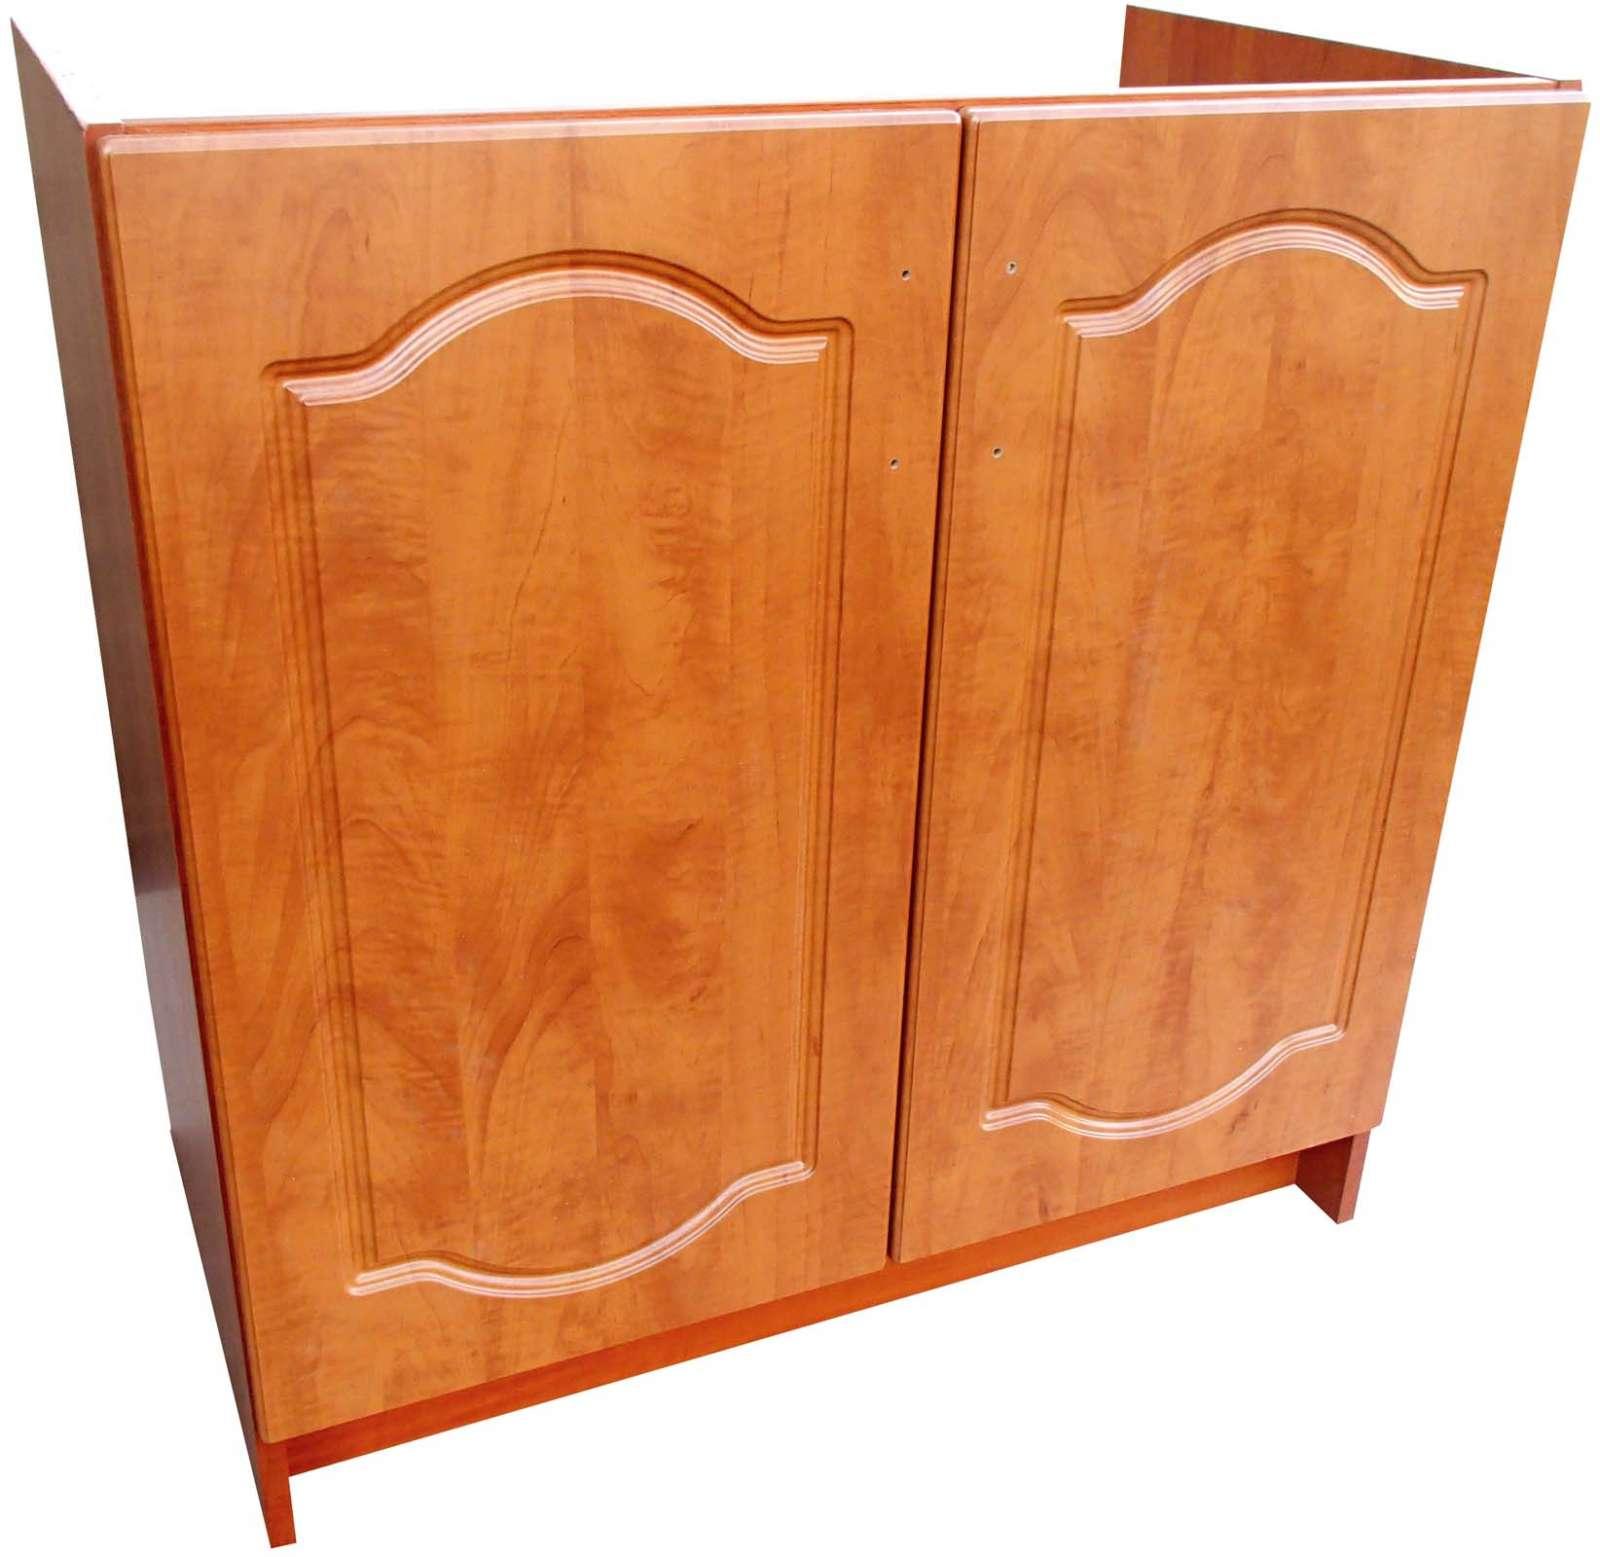 Kuchyňská dřezová skříňka 80 cm kalvádos